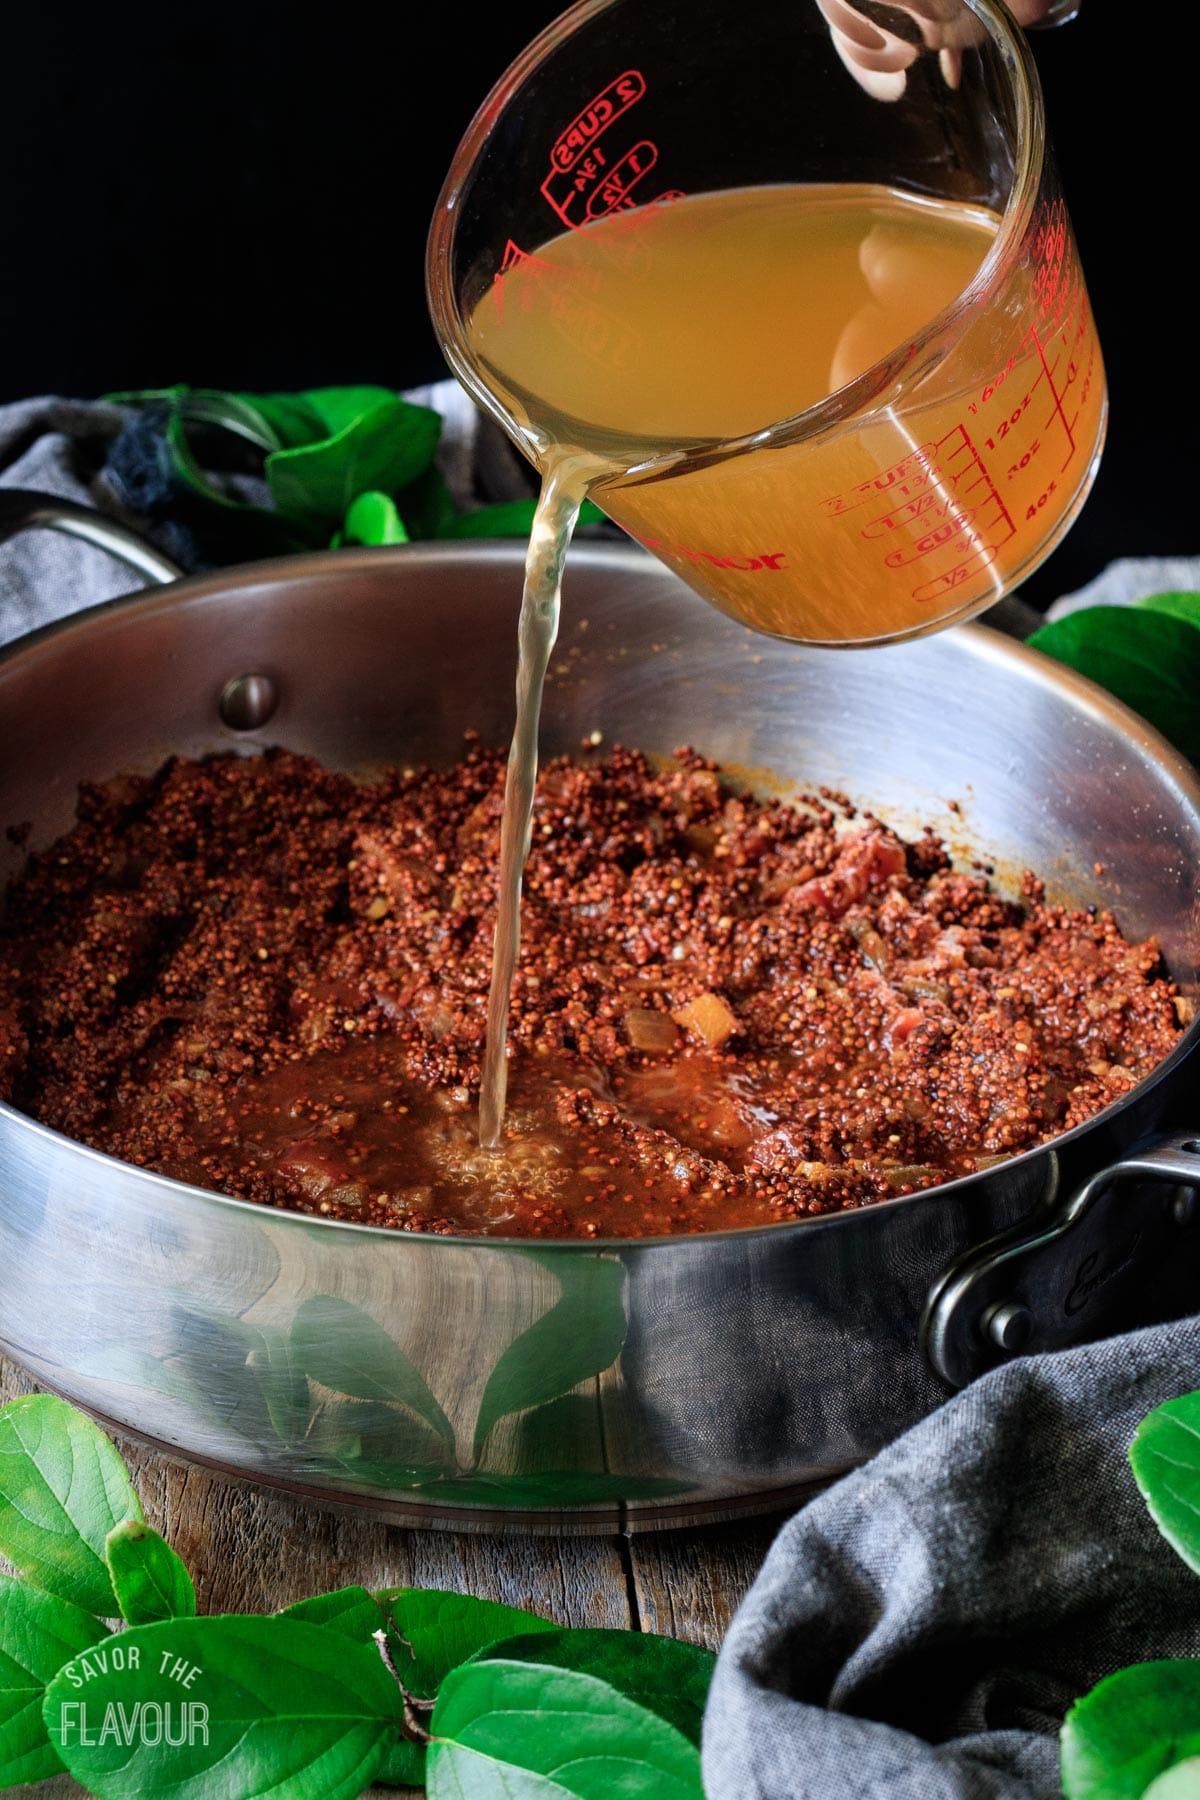 pouring chicken broth into the quinoa